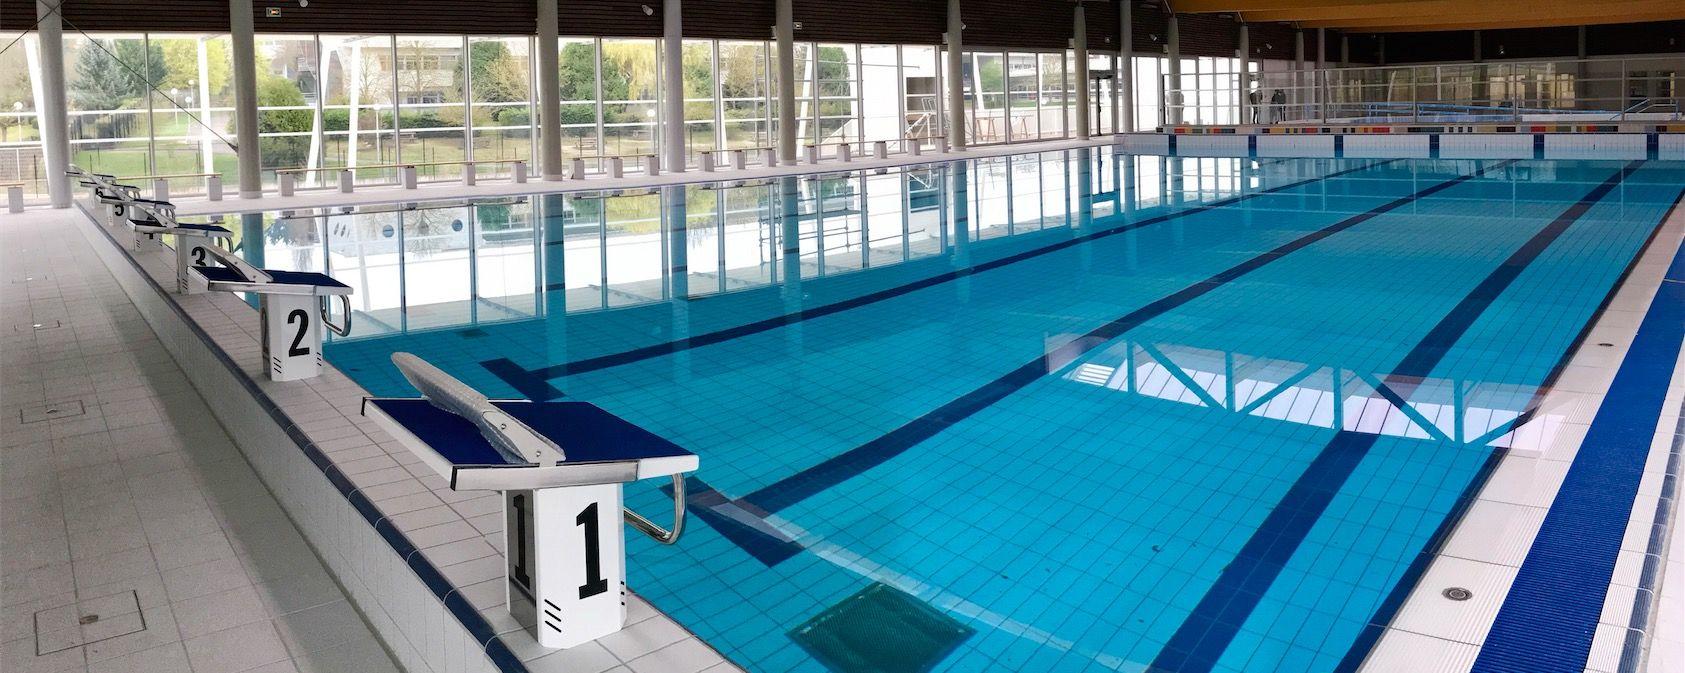 Le Centre Aquatique De Beaumont-Sur-Oise Est Situé À ... à Piscine Lillers